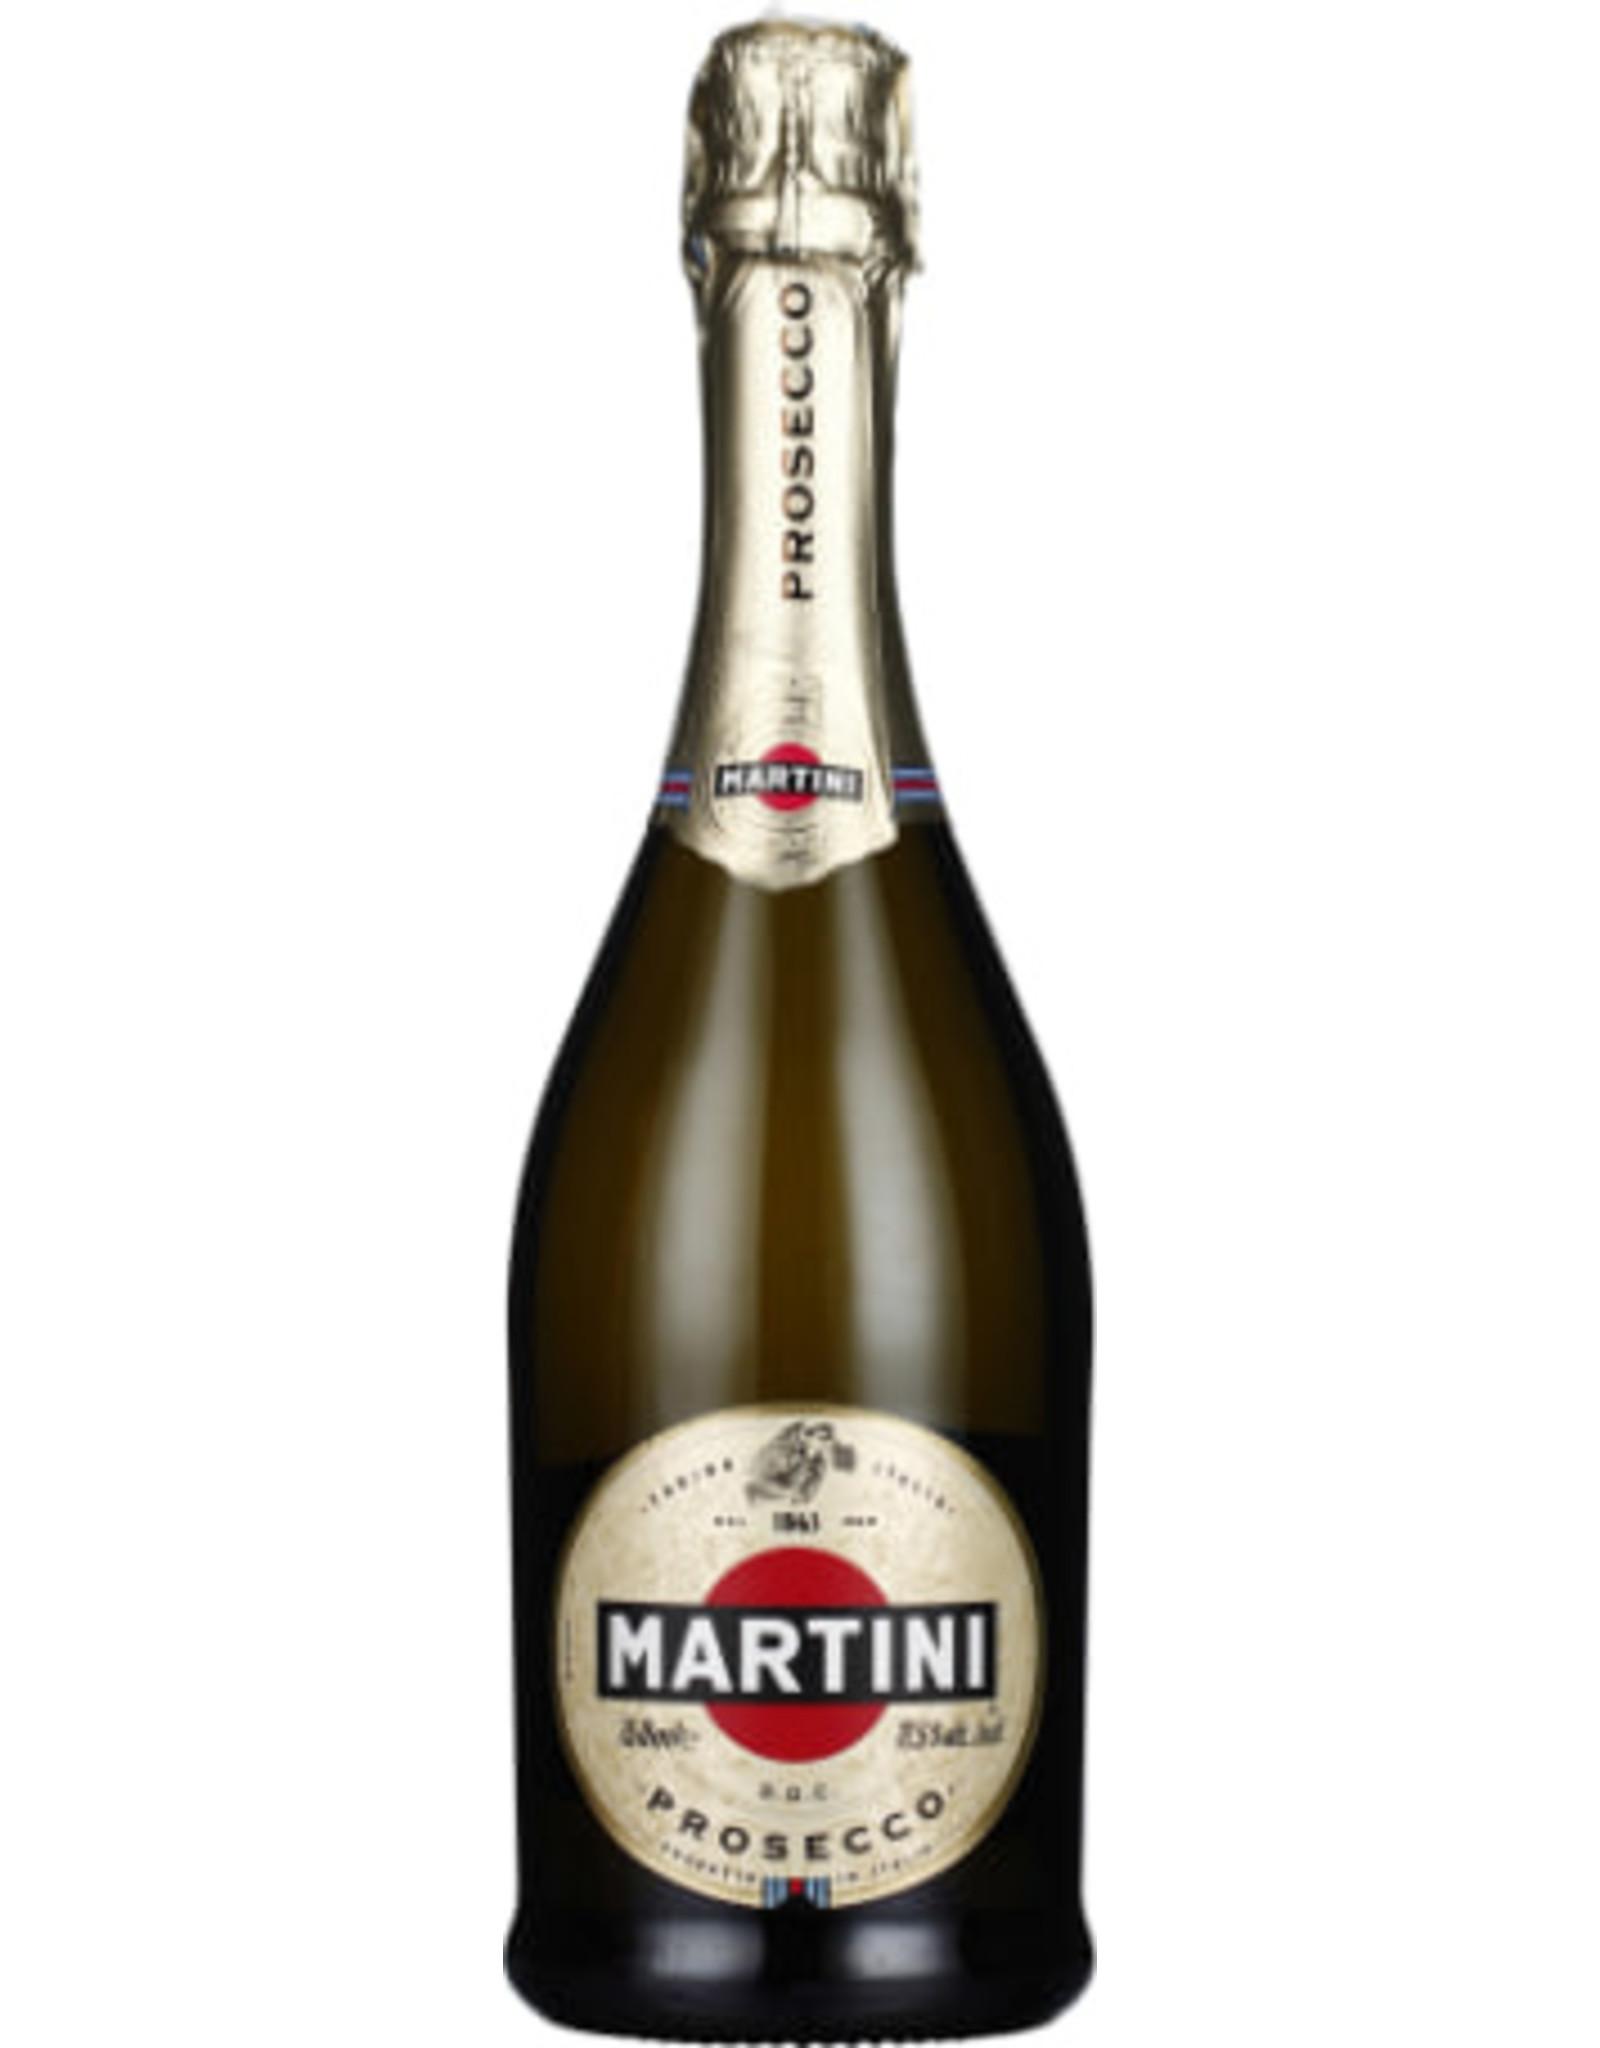 Martini Martini Prosecco 75cl